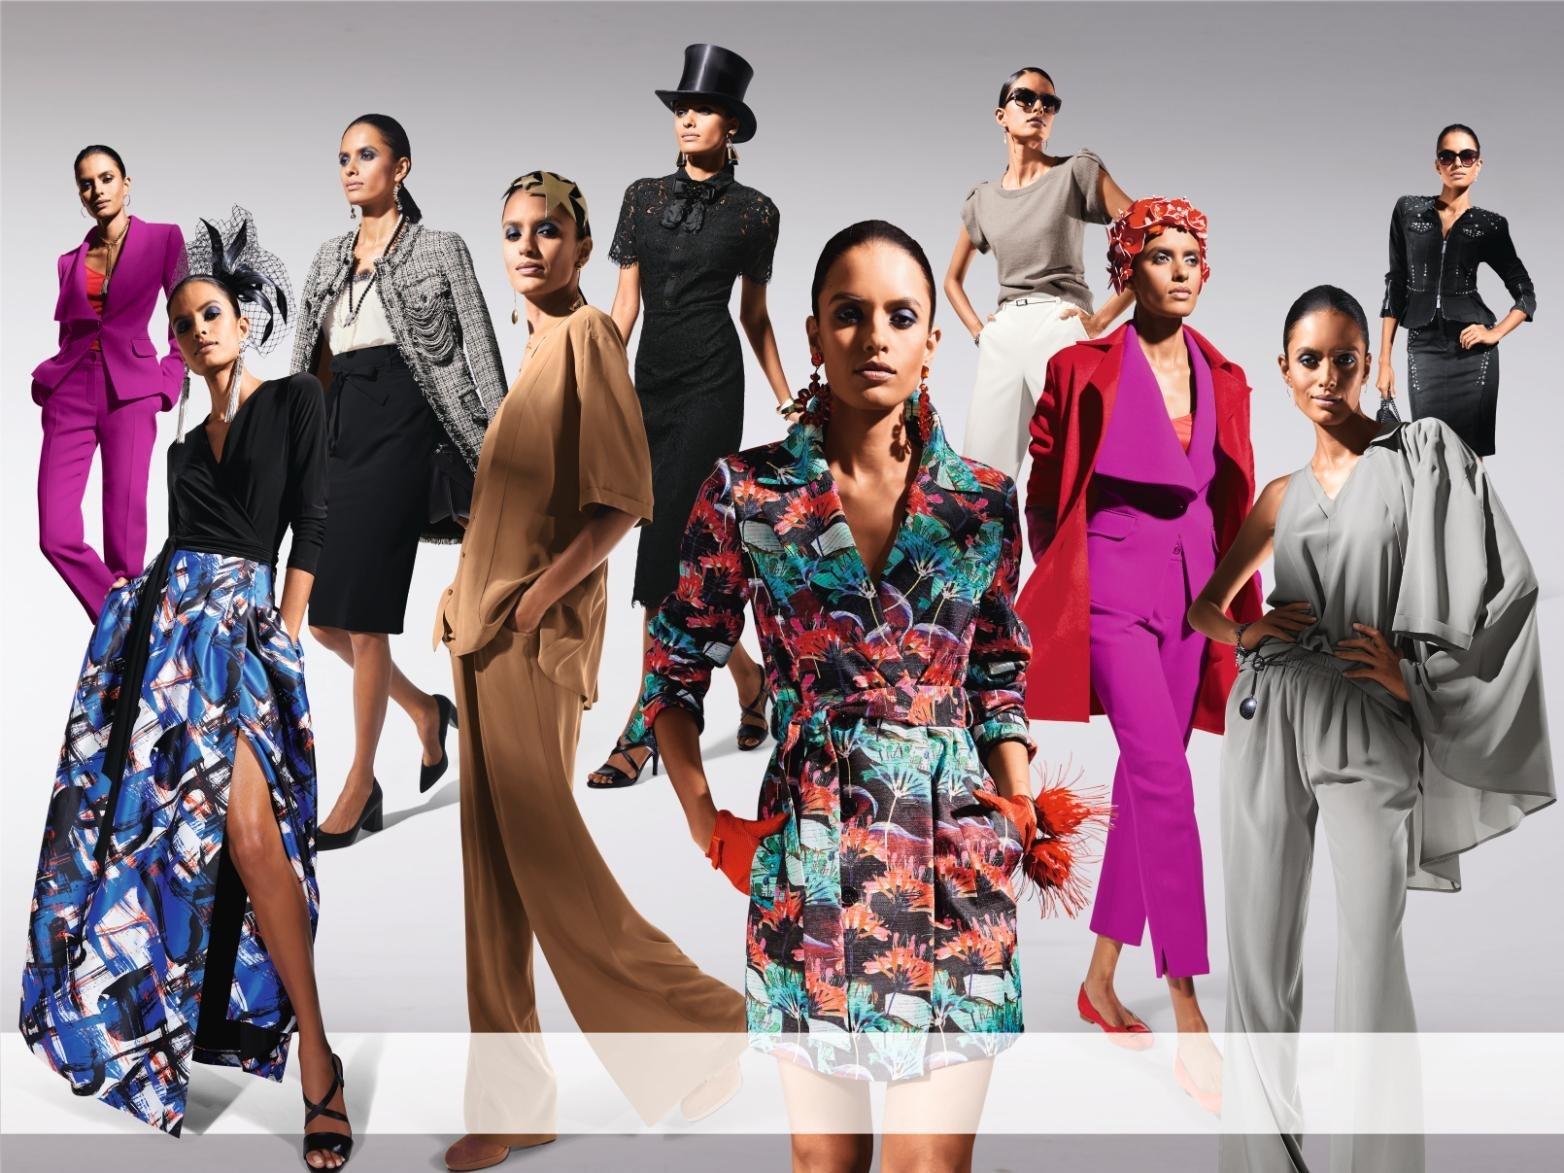 Wir sagen DANKE für vier wunderbare Modejahrzehnte!